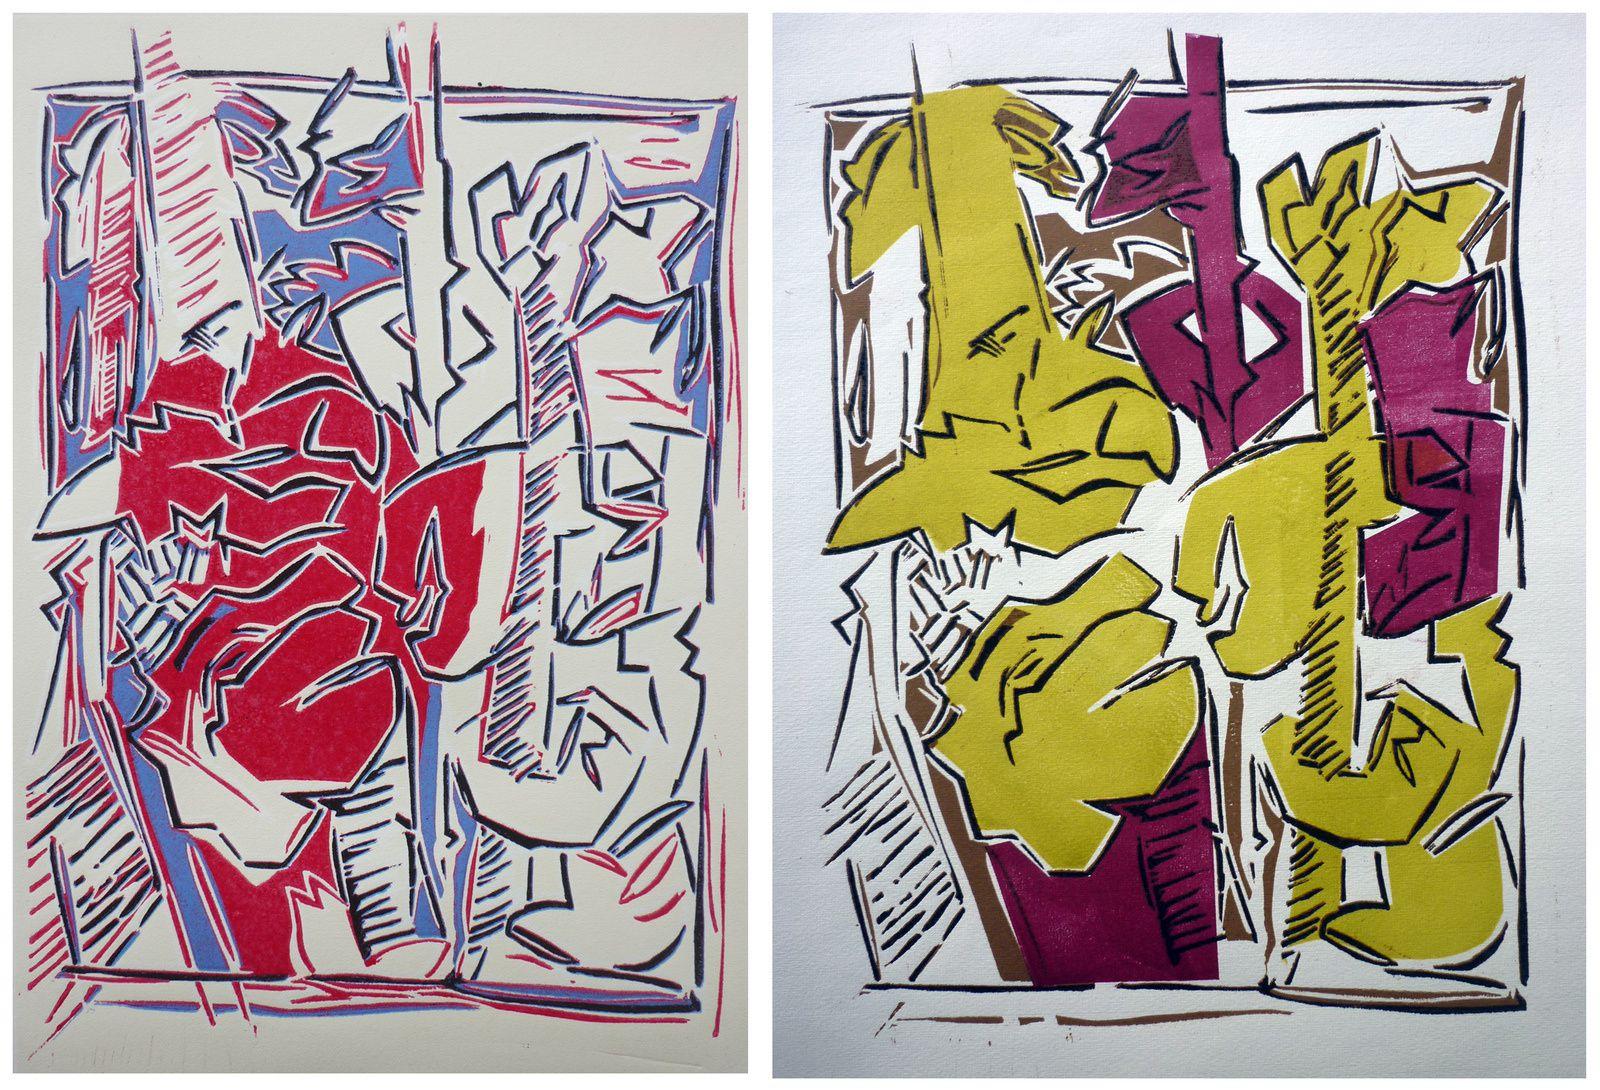 Serie ronciers : linogravures à quatre couleurs, 30 x 45 cm, 2019